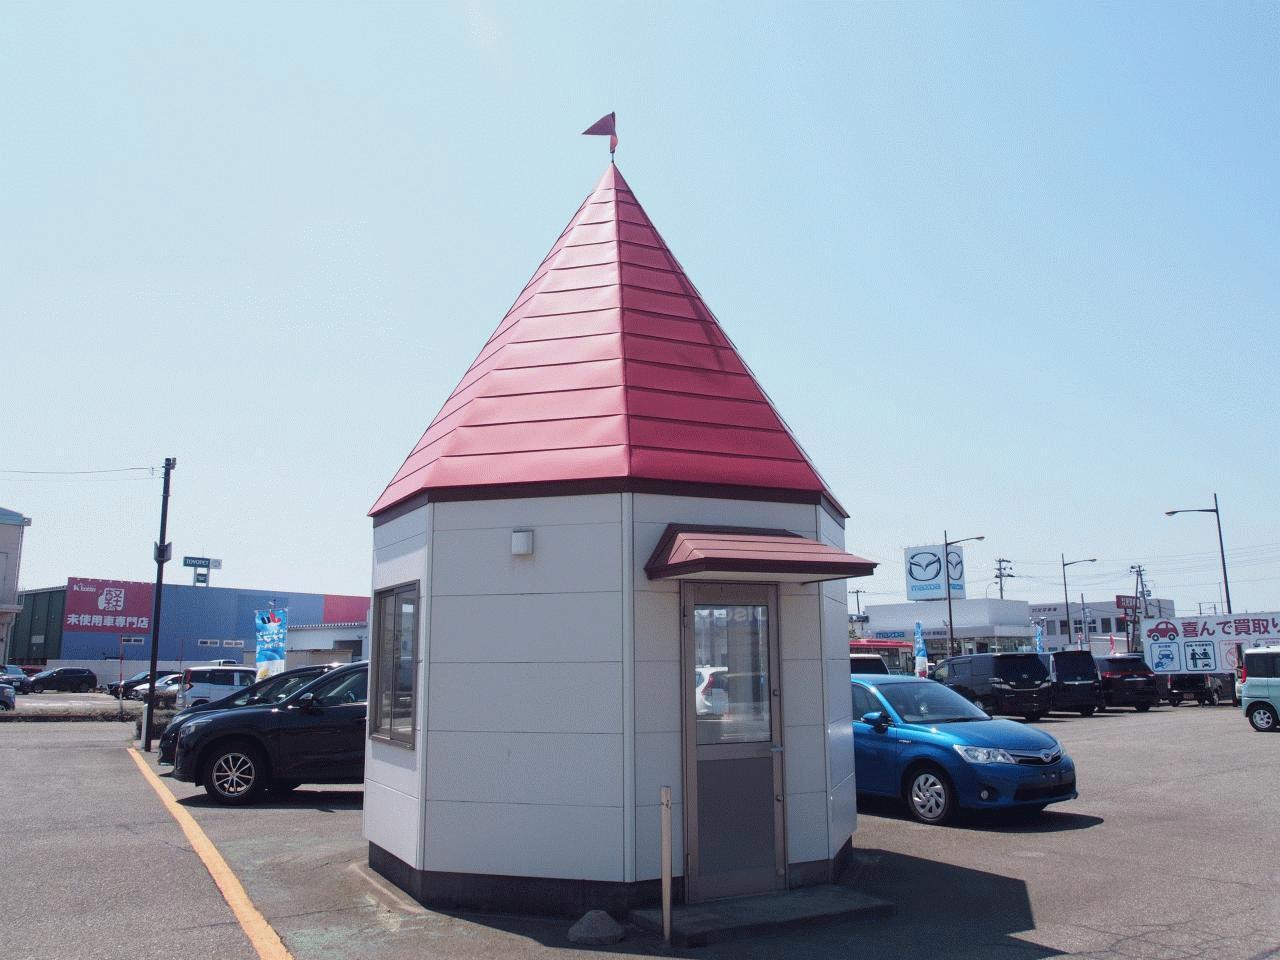 かわいい三角屋根の商談スペースもあります。